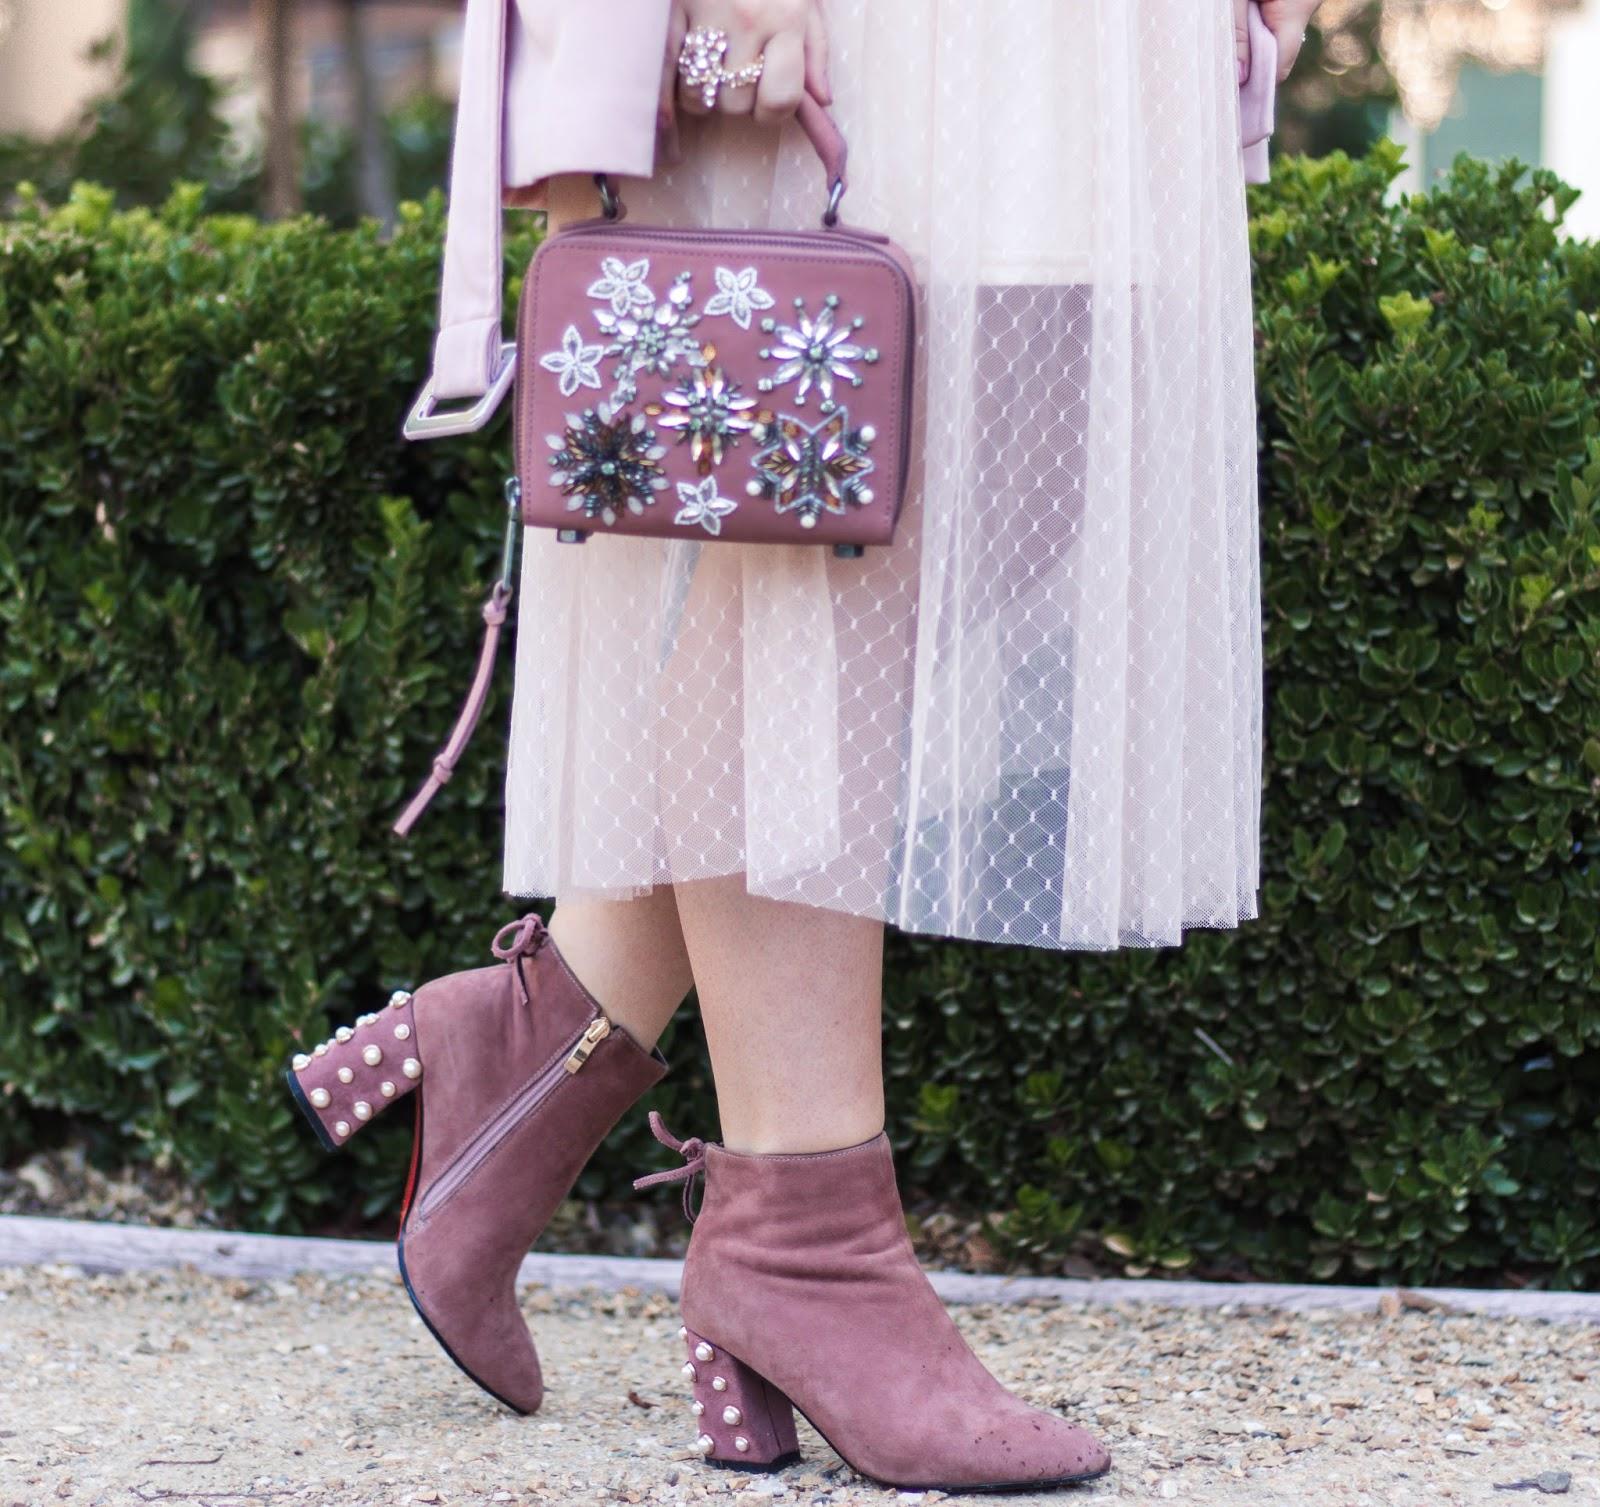 Rebecca minkoff embellished handbag